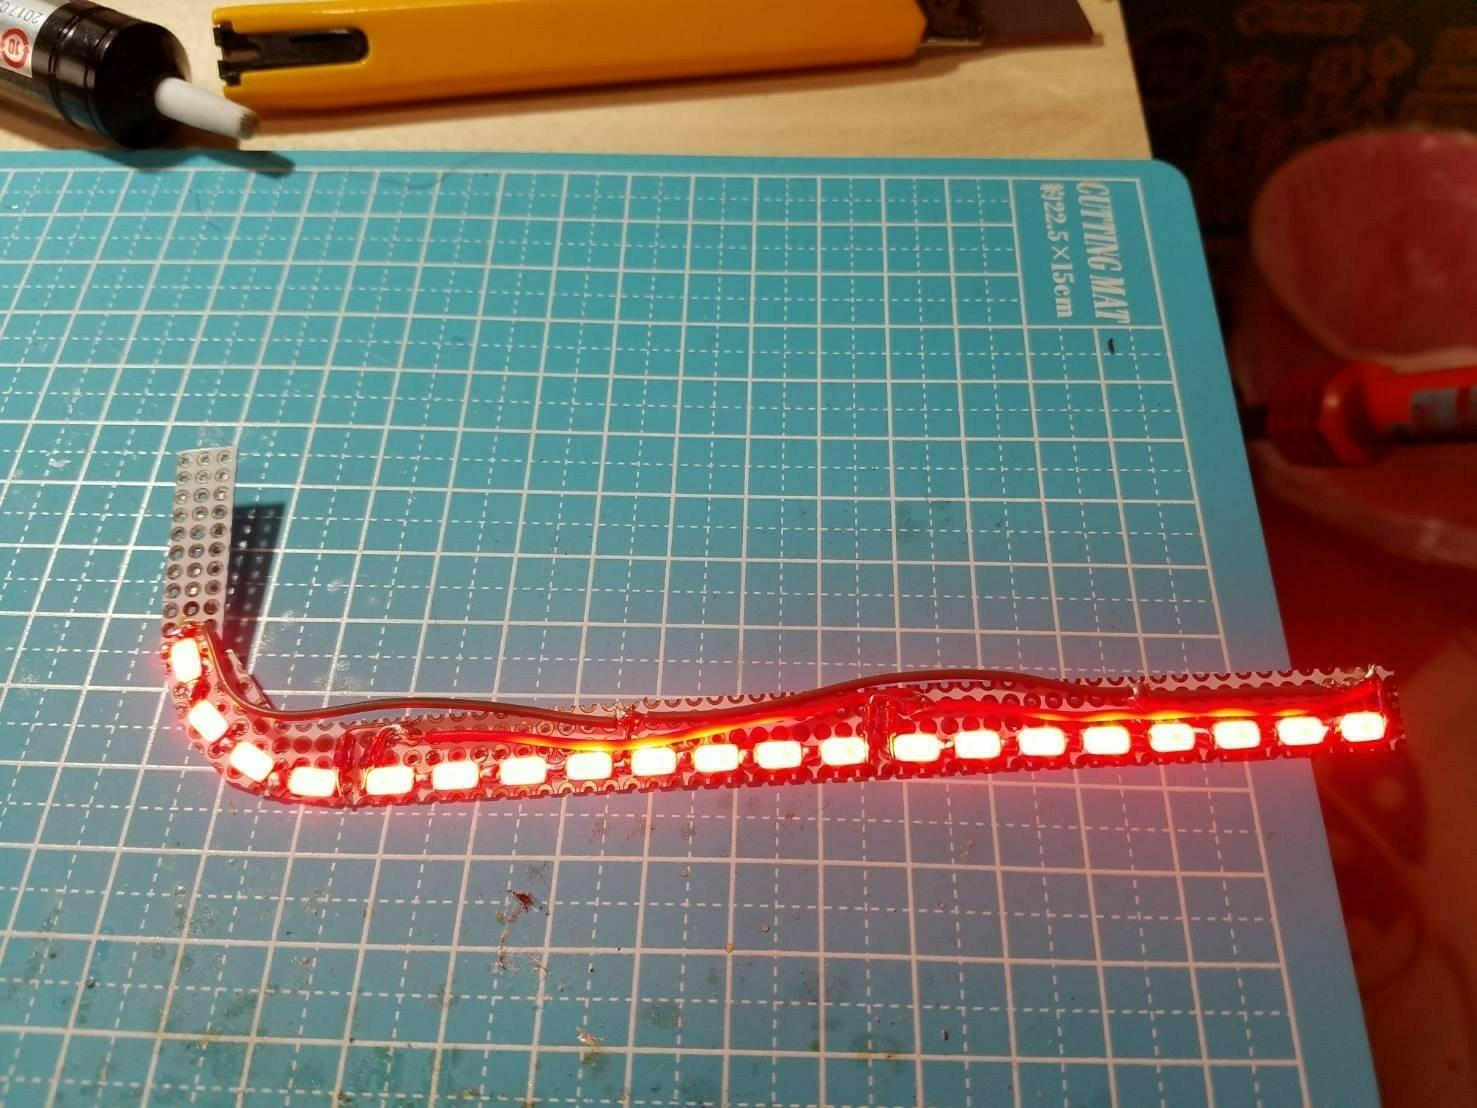 リフレクター自作LED